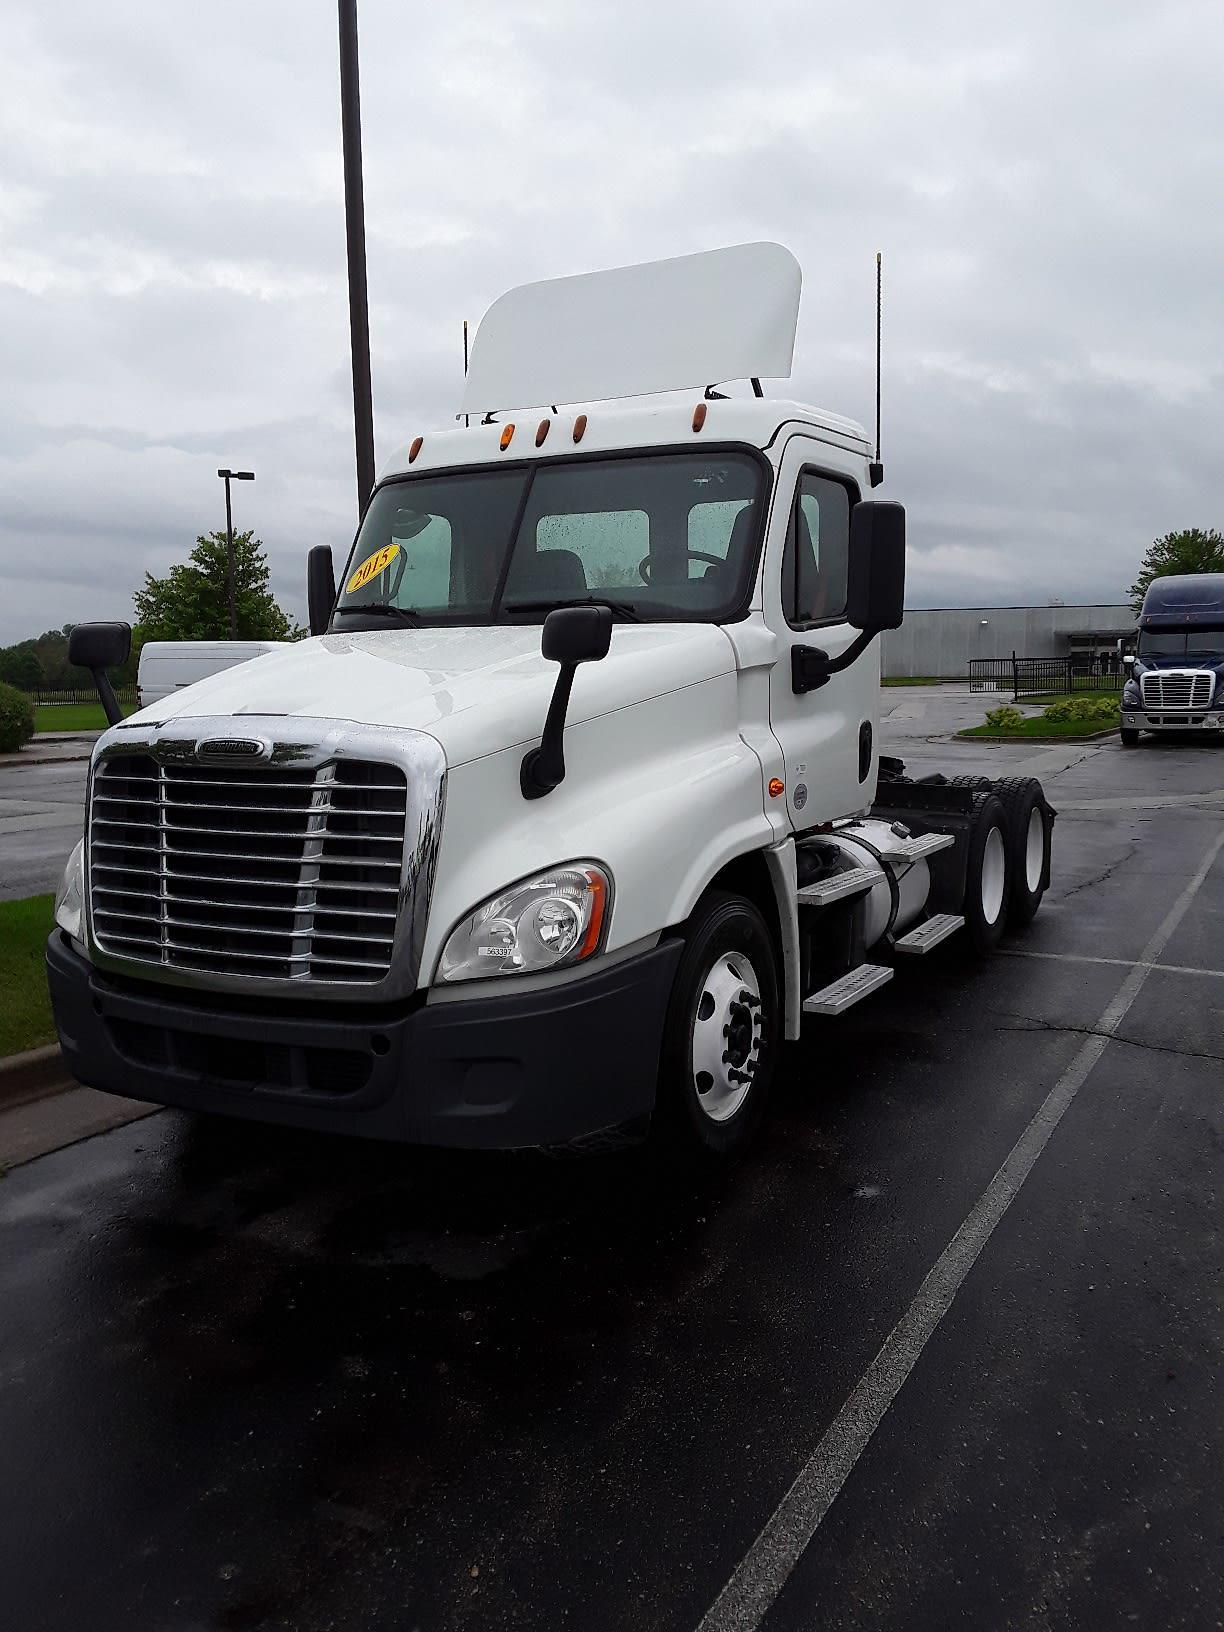 2015 Freightliner Truck 6x4, Tractor #563397 - photo 1